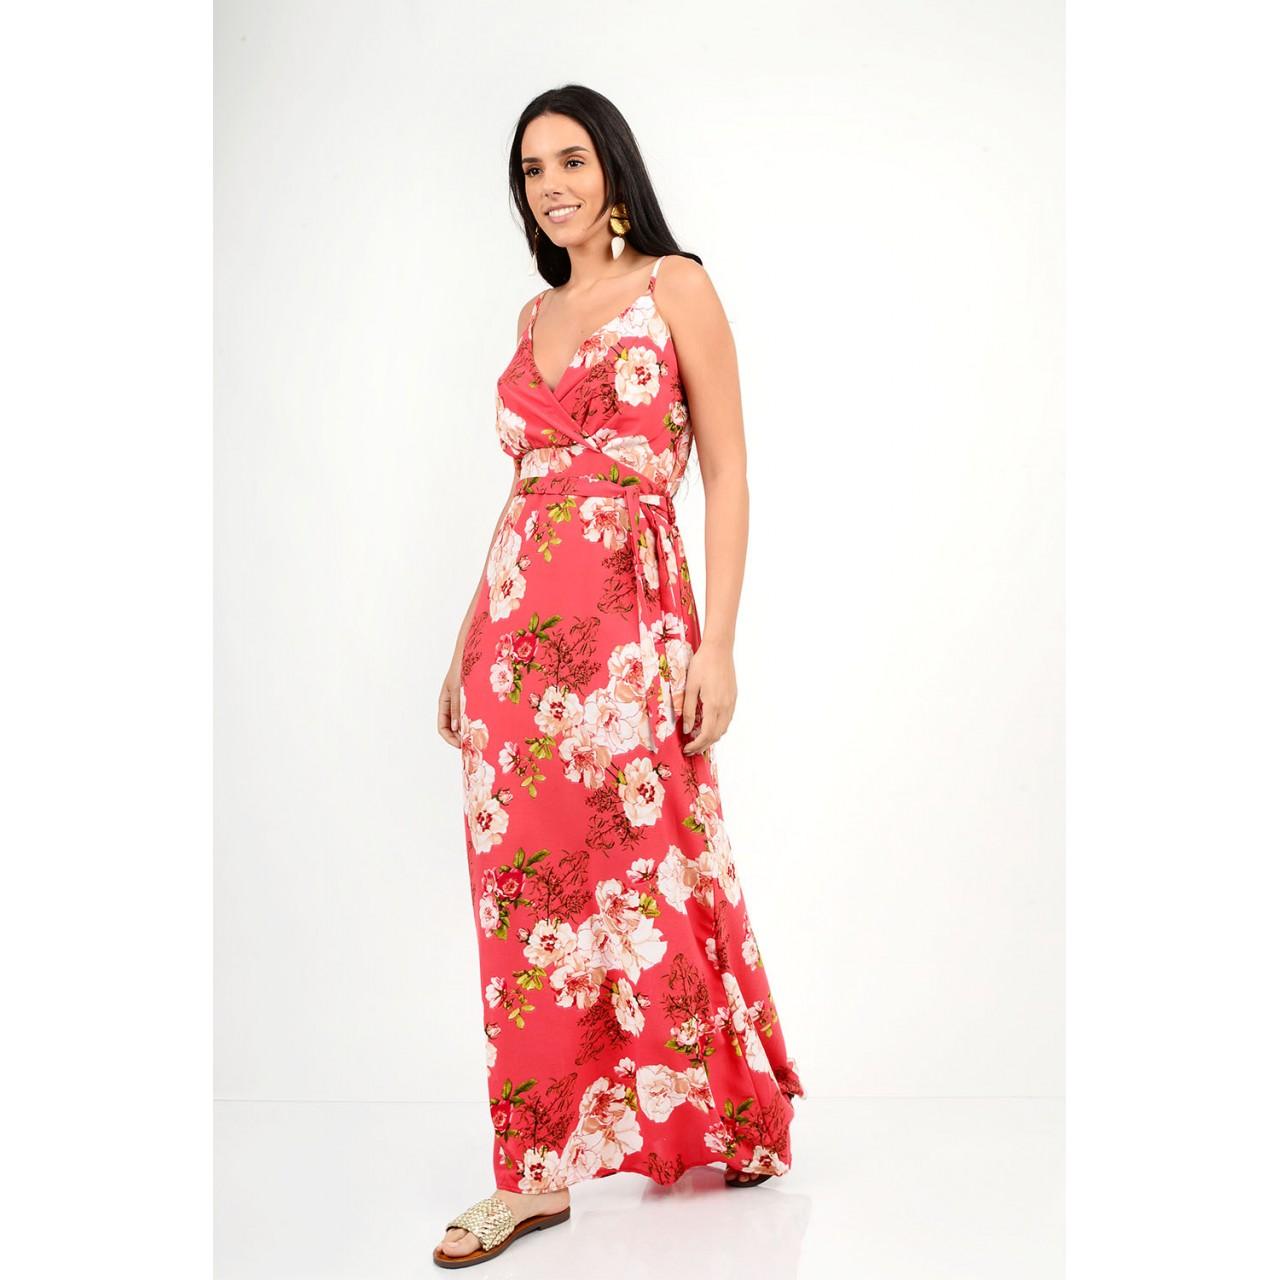 509.Φόρεμα μακρύ φλοράλ με τιράντες